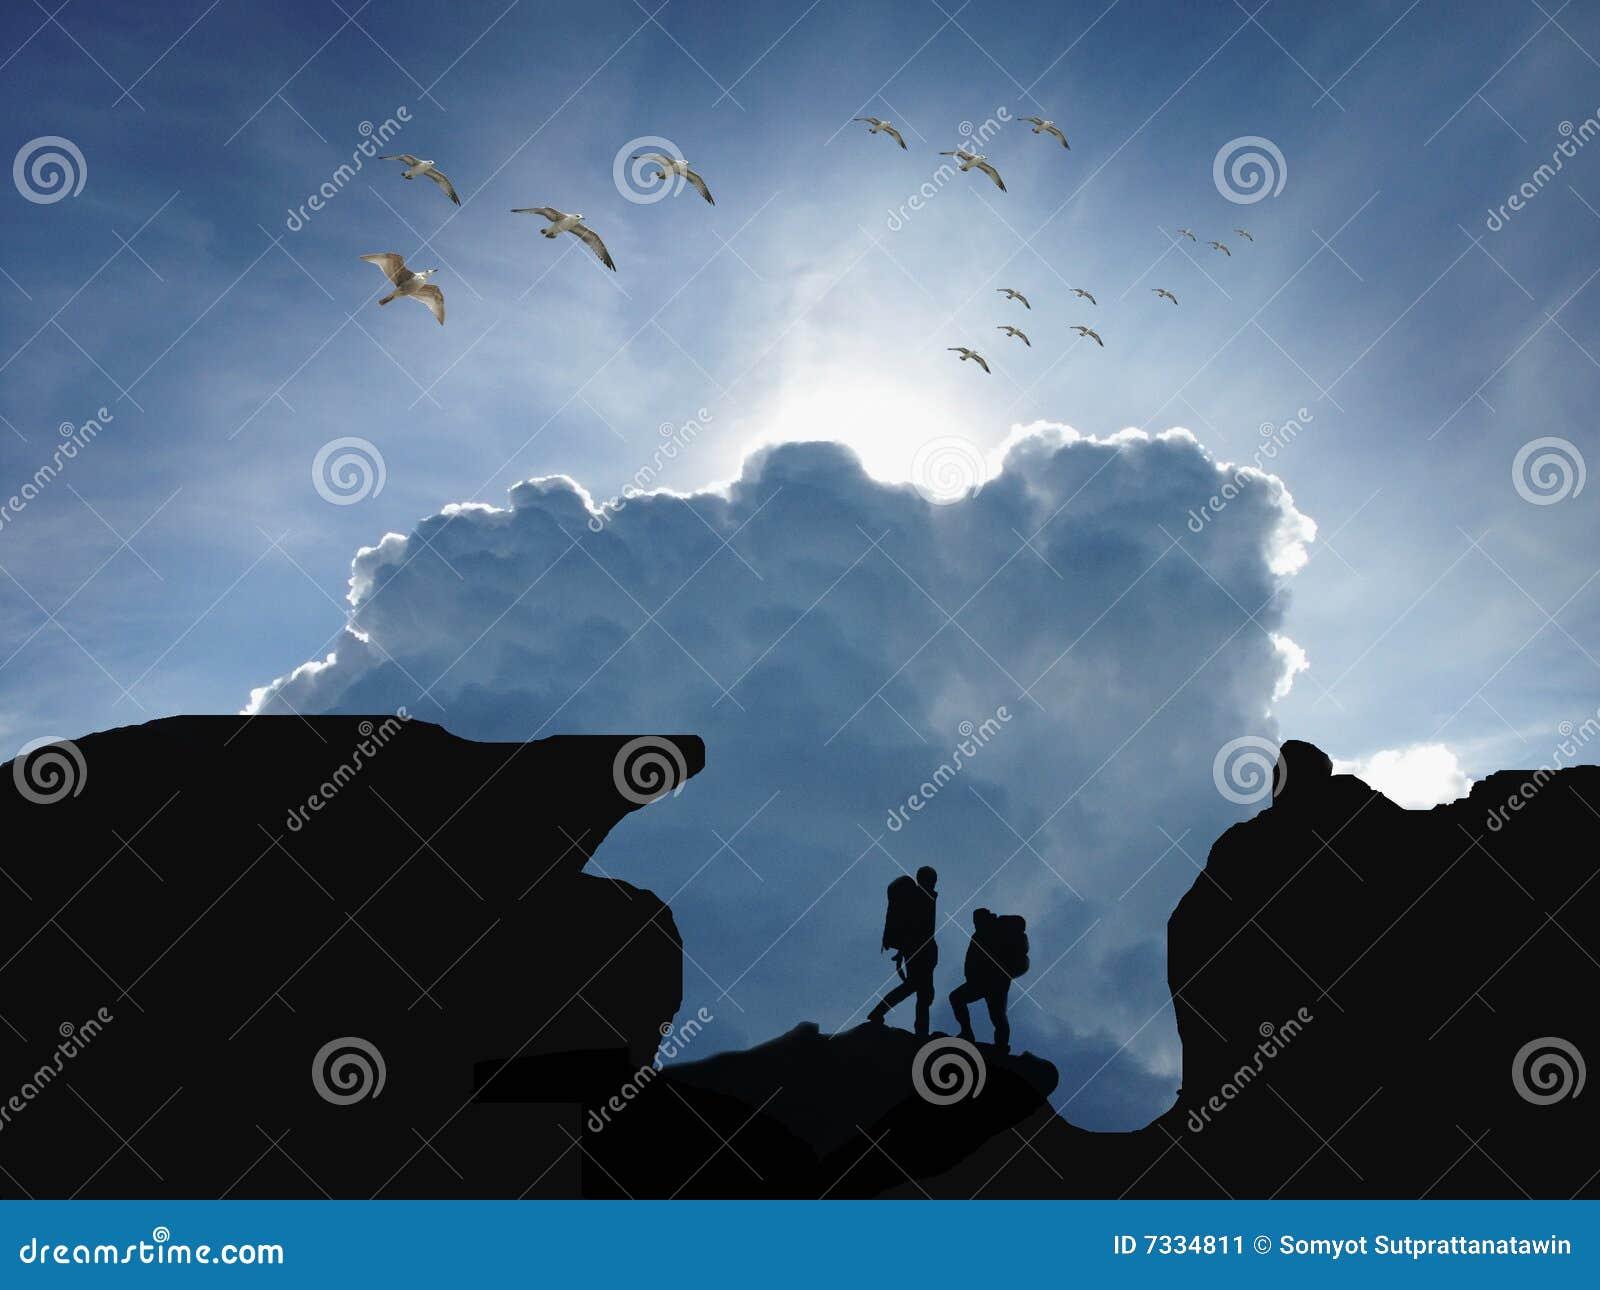 Trekker silhouette